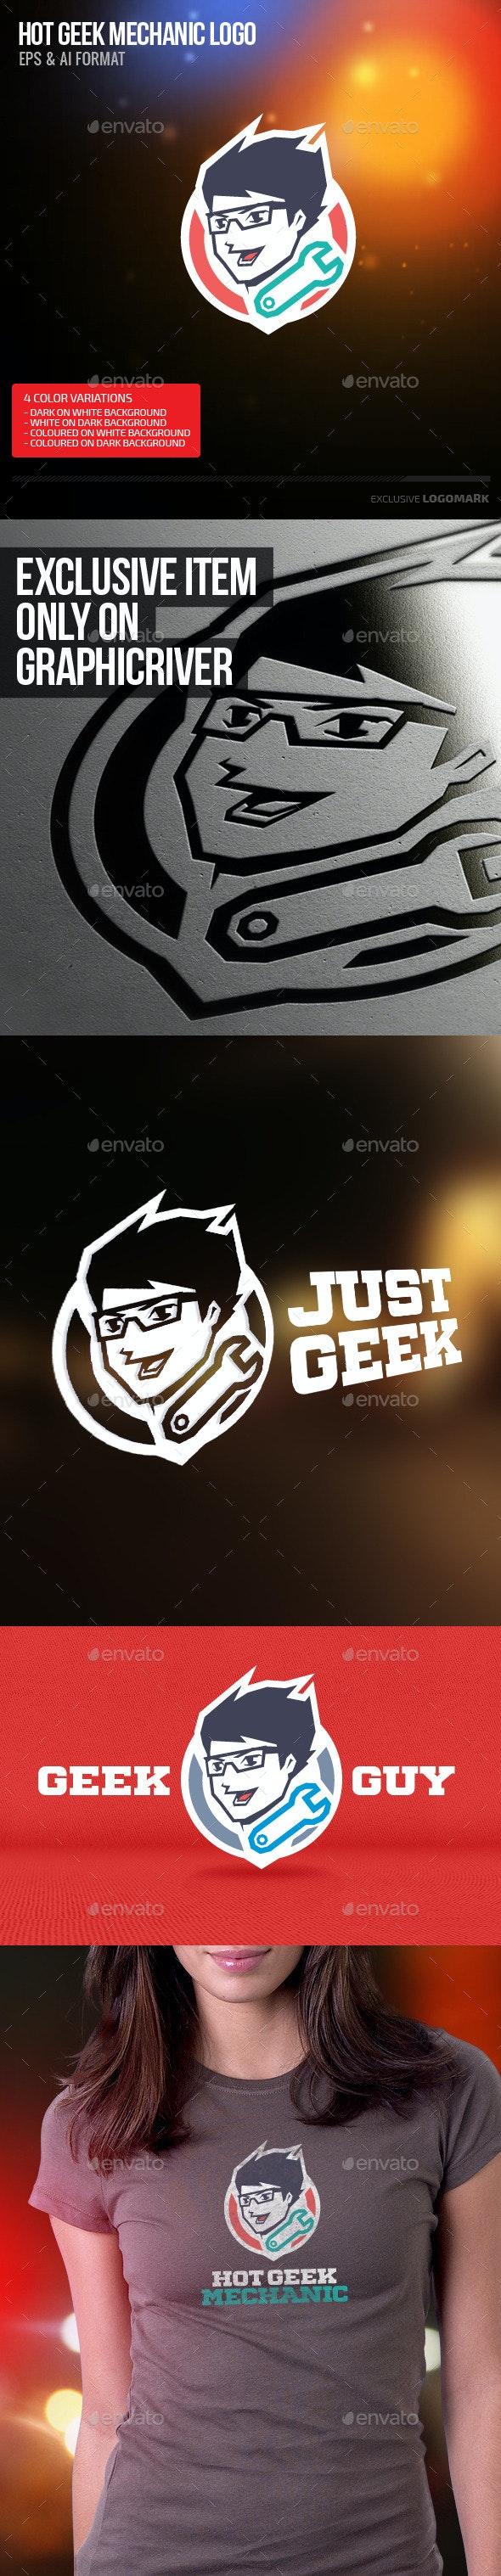 Hot Geek Mechanic - Humans Logo Templates